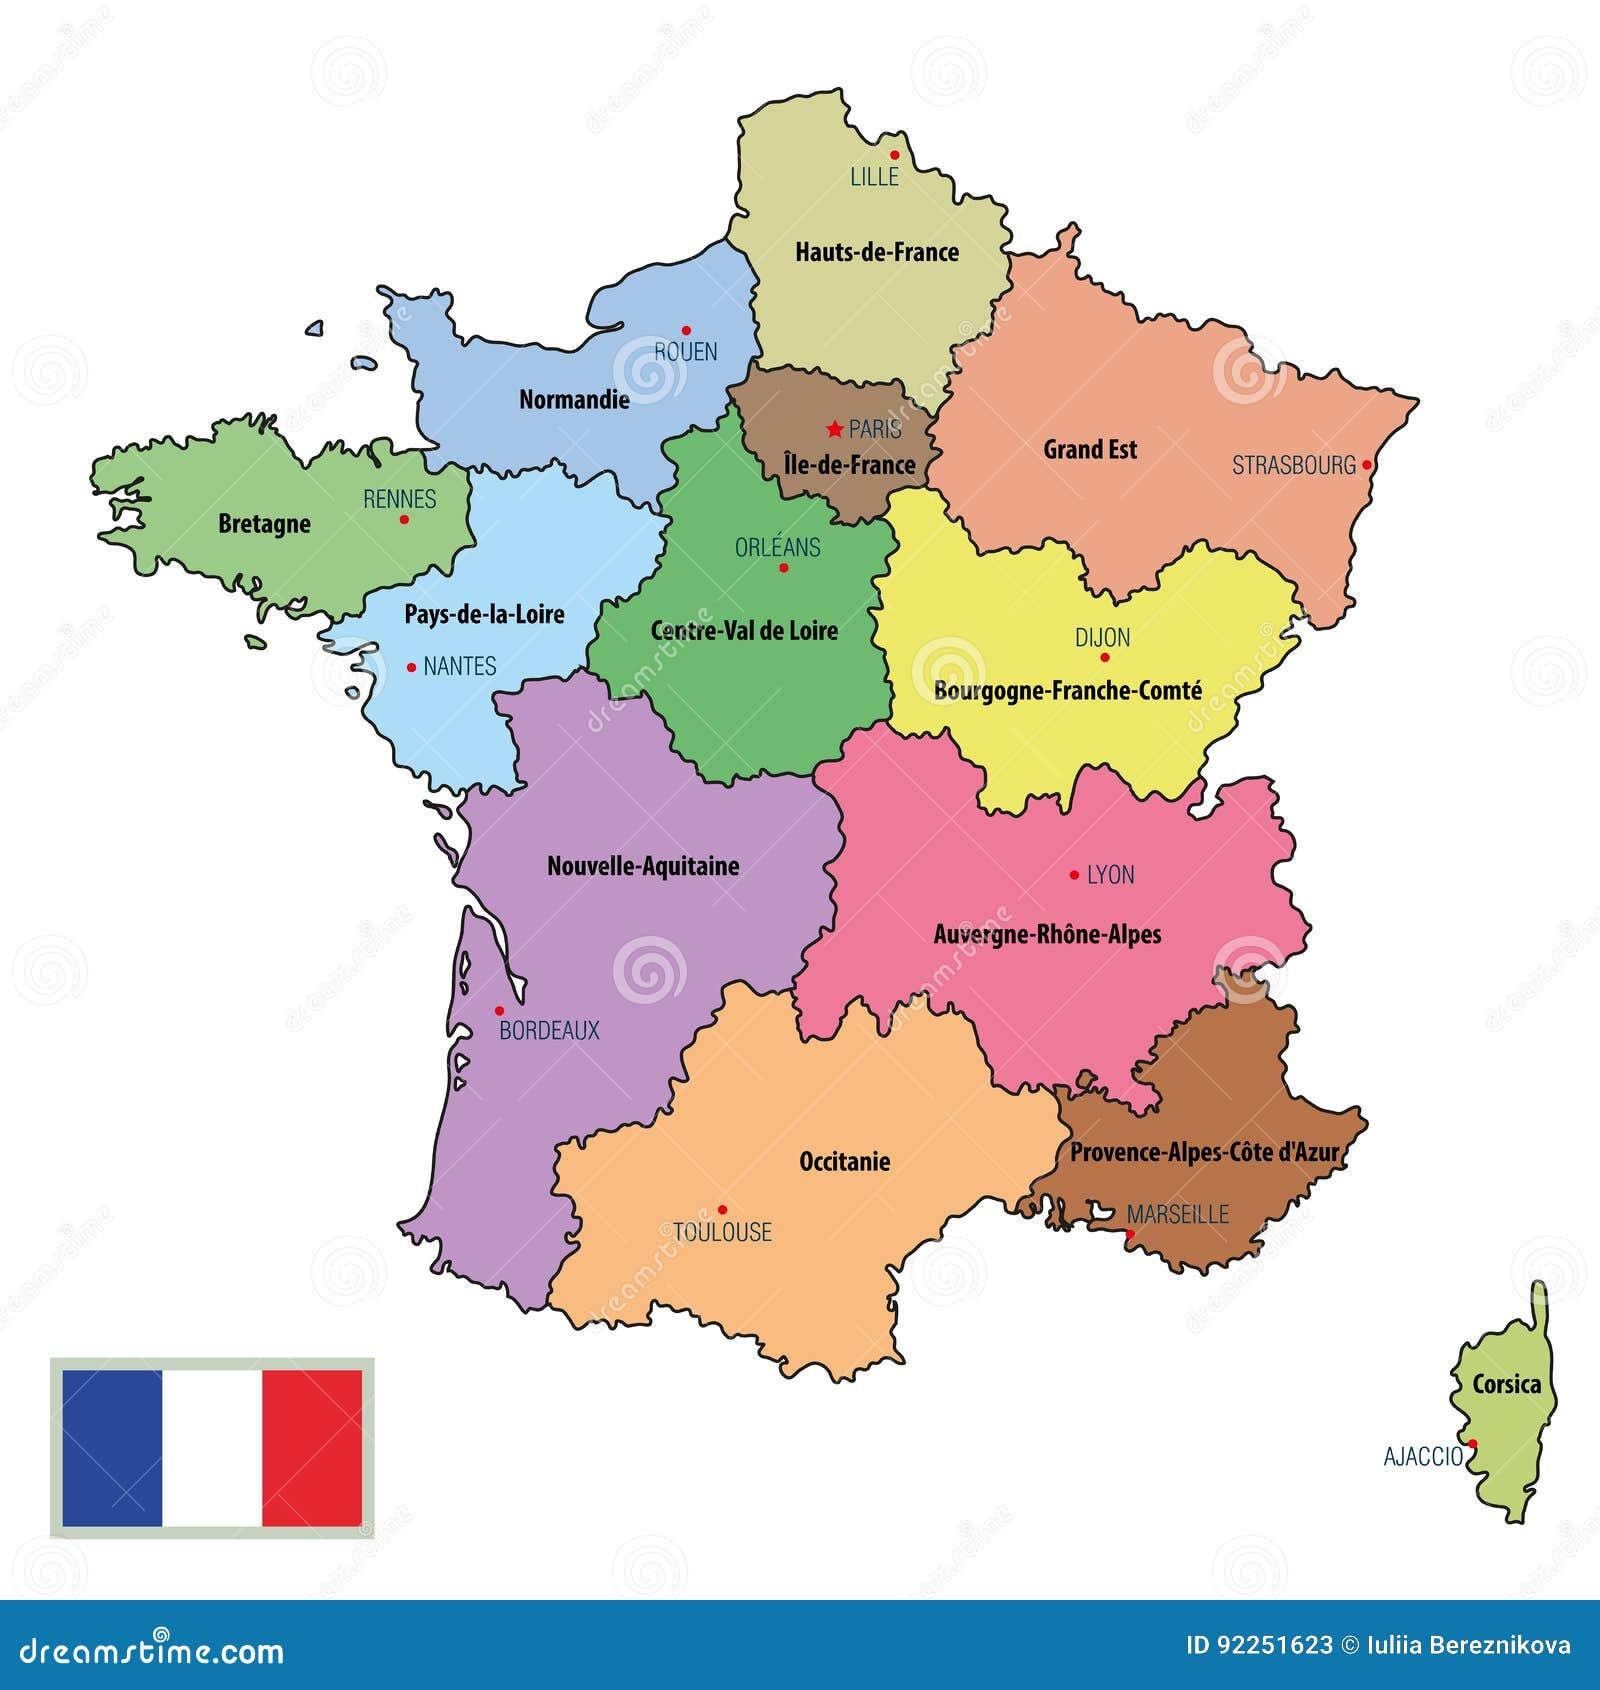 Regioni Della Francia Cartina.Mappa Della Francia Con Le Regioni E Le Loro Capitali Illustrazione Vettoriale Illustrazione Di Francese Capitale 92251623